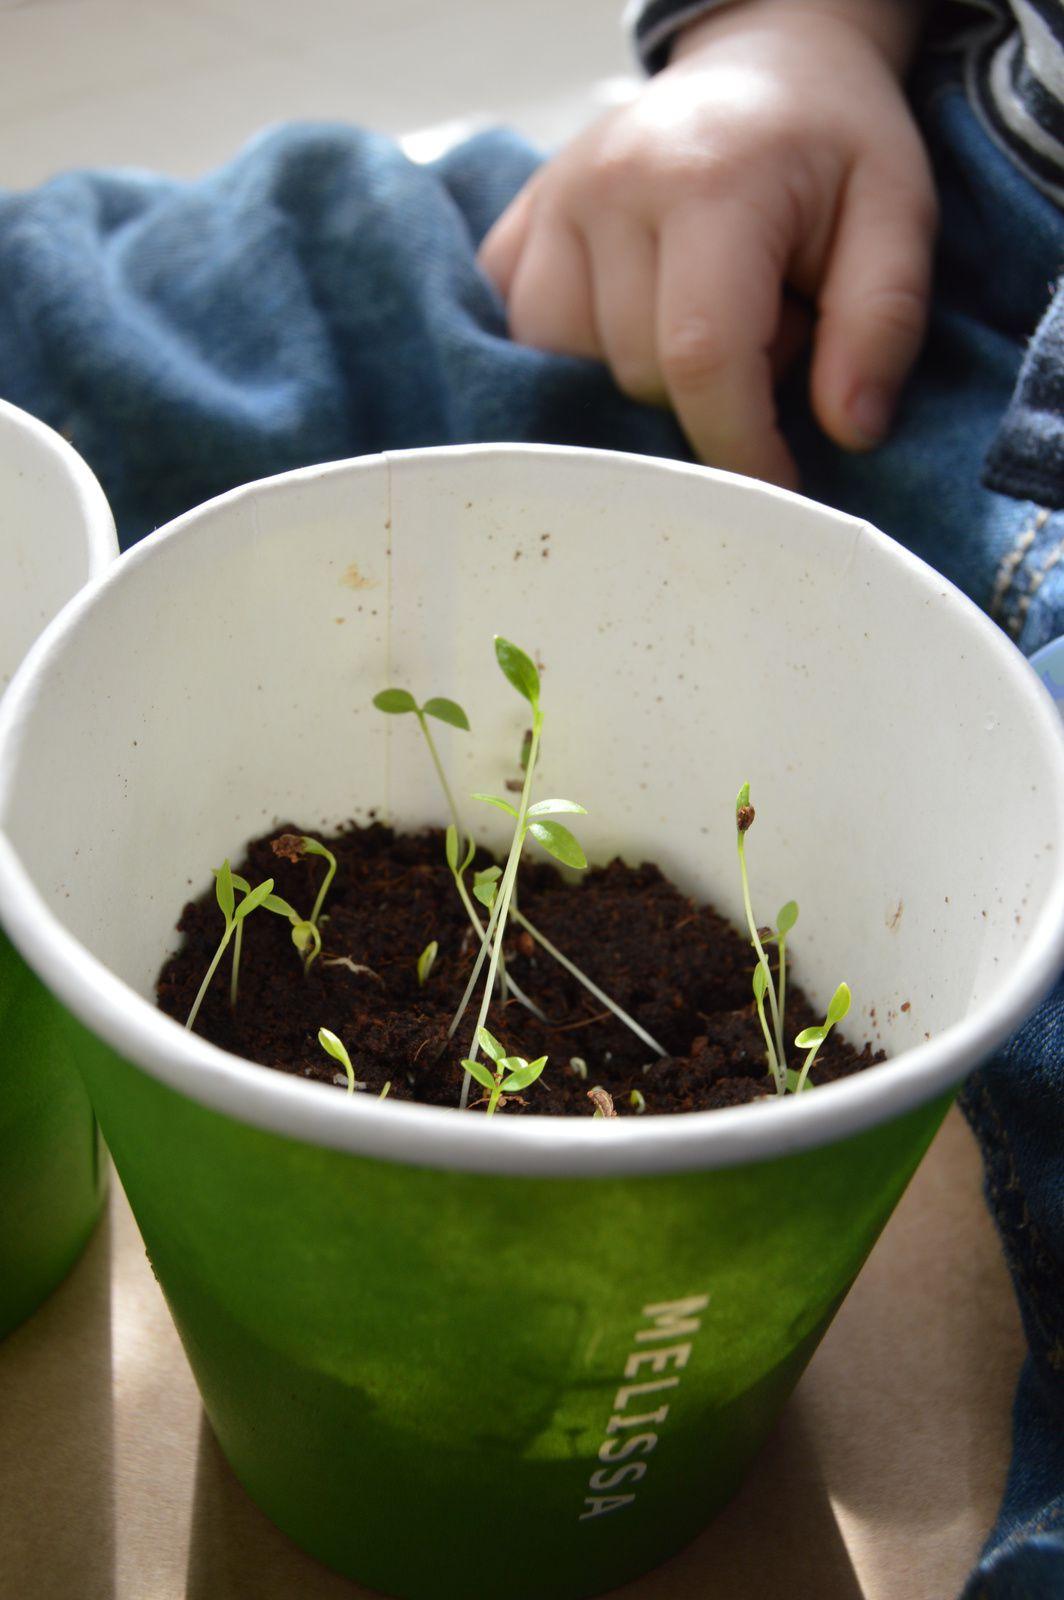 Nos petites graines qui poussent